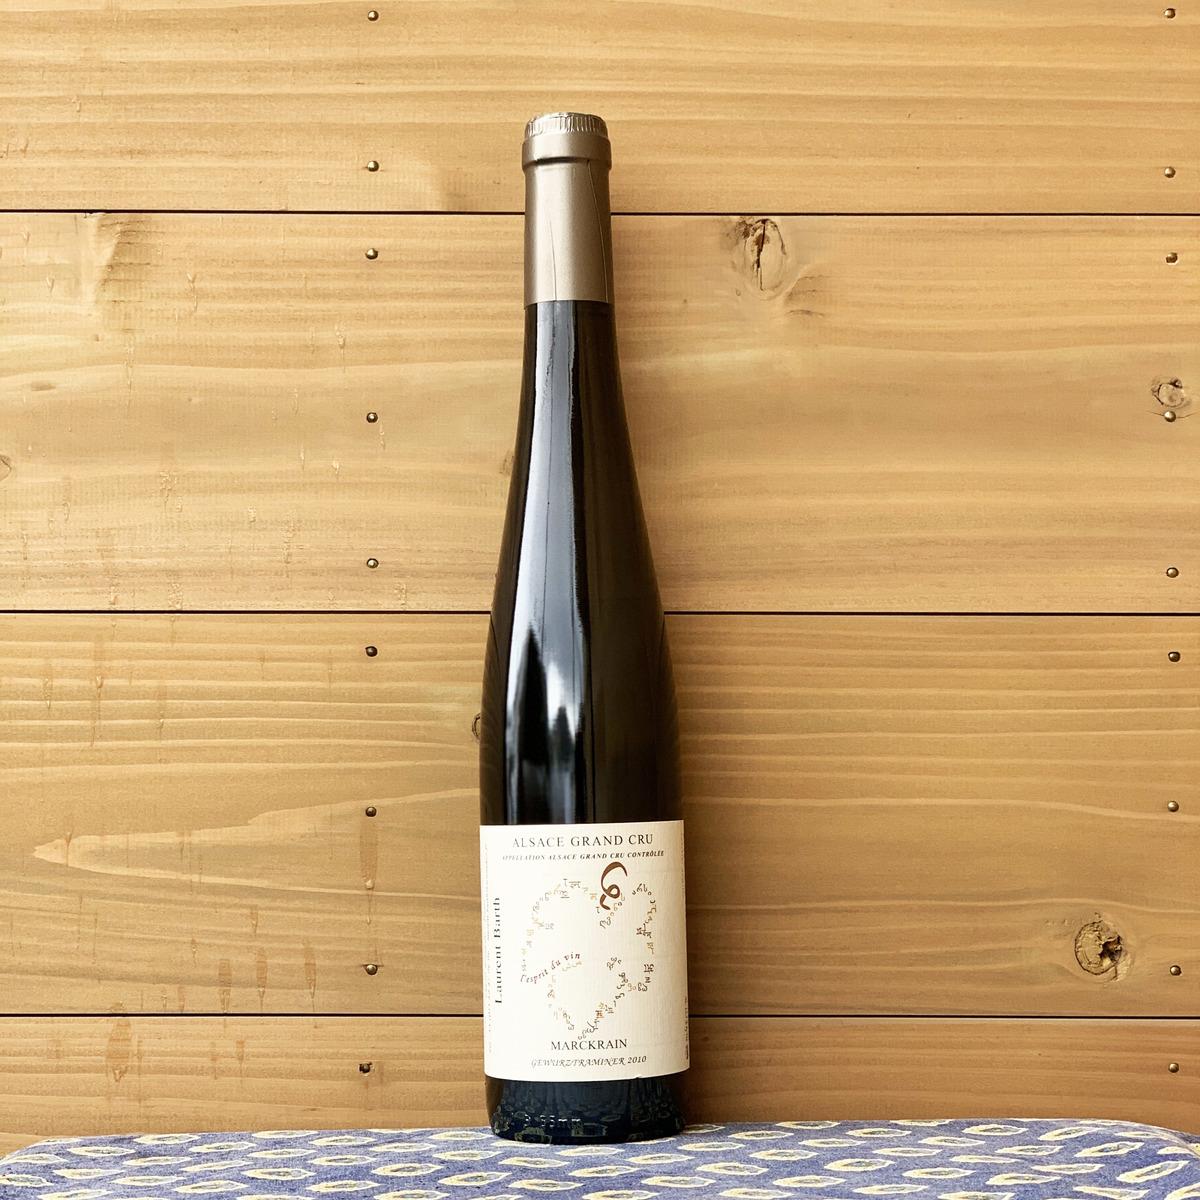 香りが豊かで上品な甘味が特徴 人気の生産者です 新作続 アルザス地方 フランス ローラン バルツ グランクリュ 自然派ワイン お洒落 白ワイン '08 ゲヴュルツトラミネール マルクレン